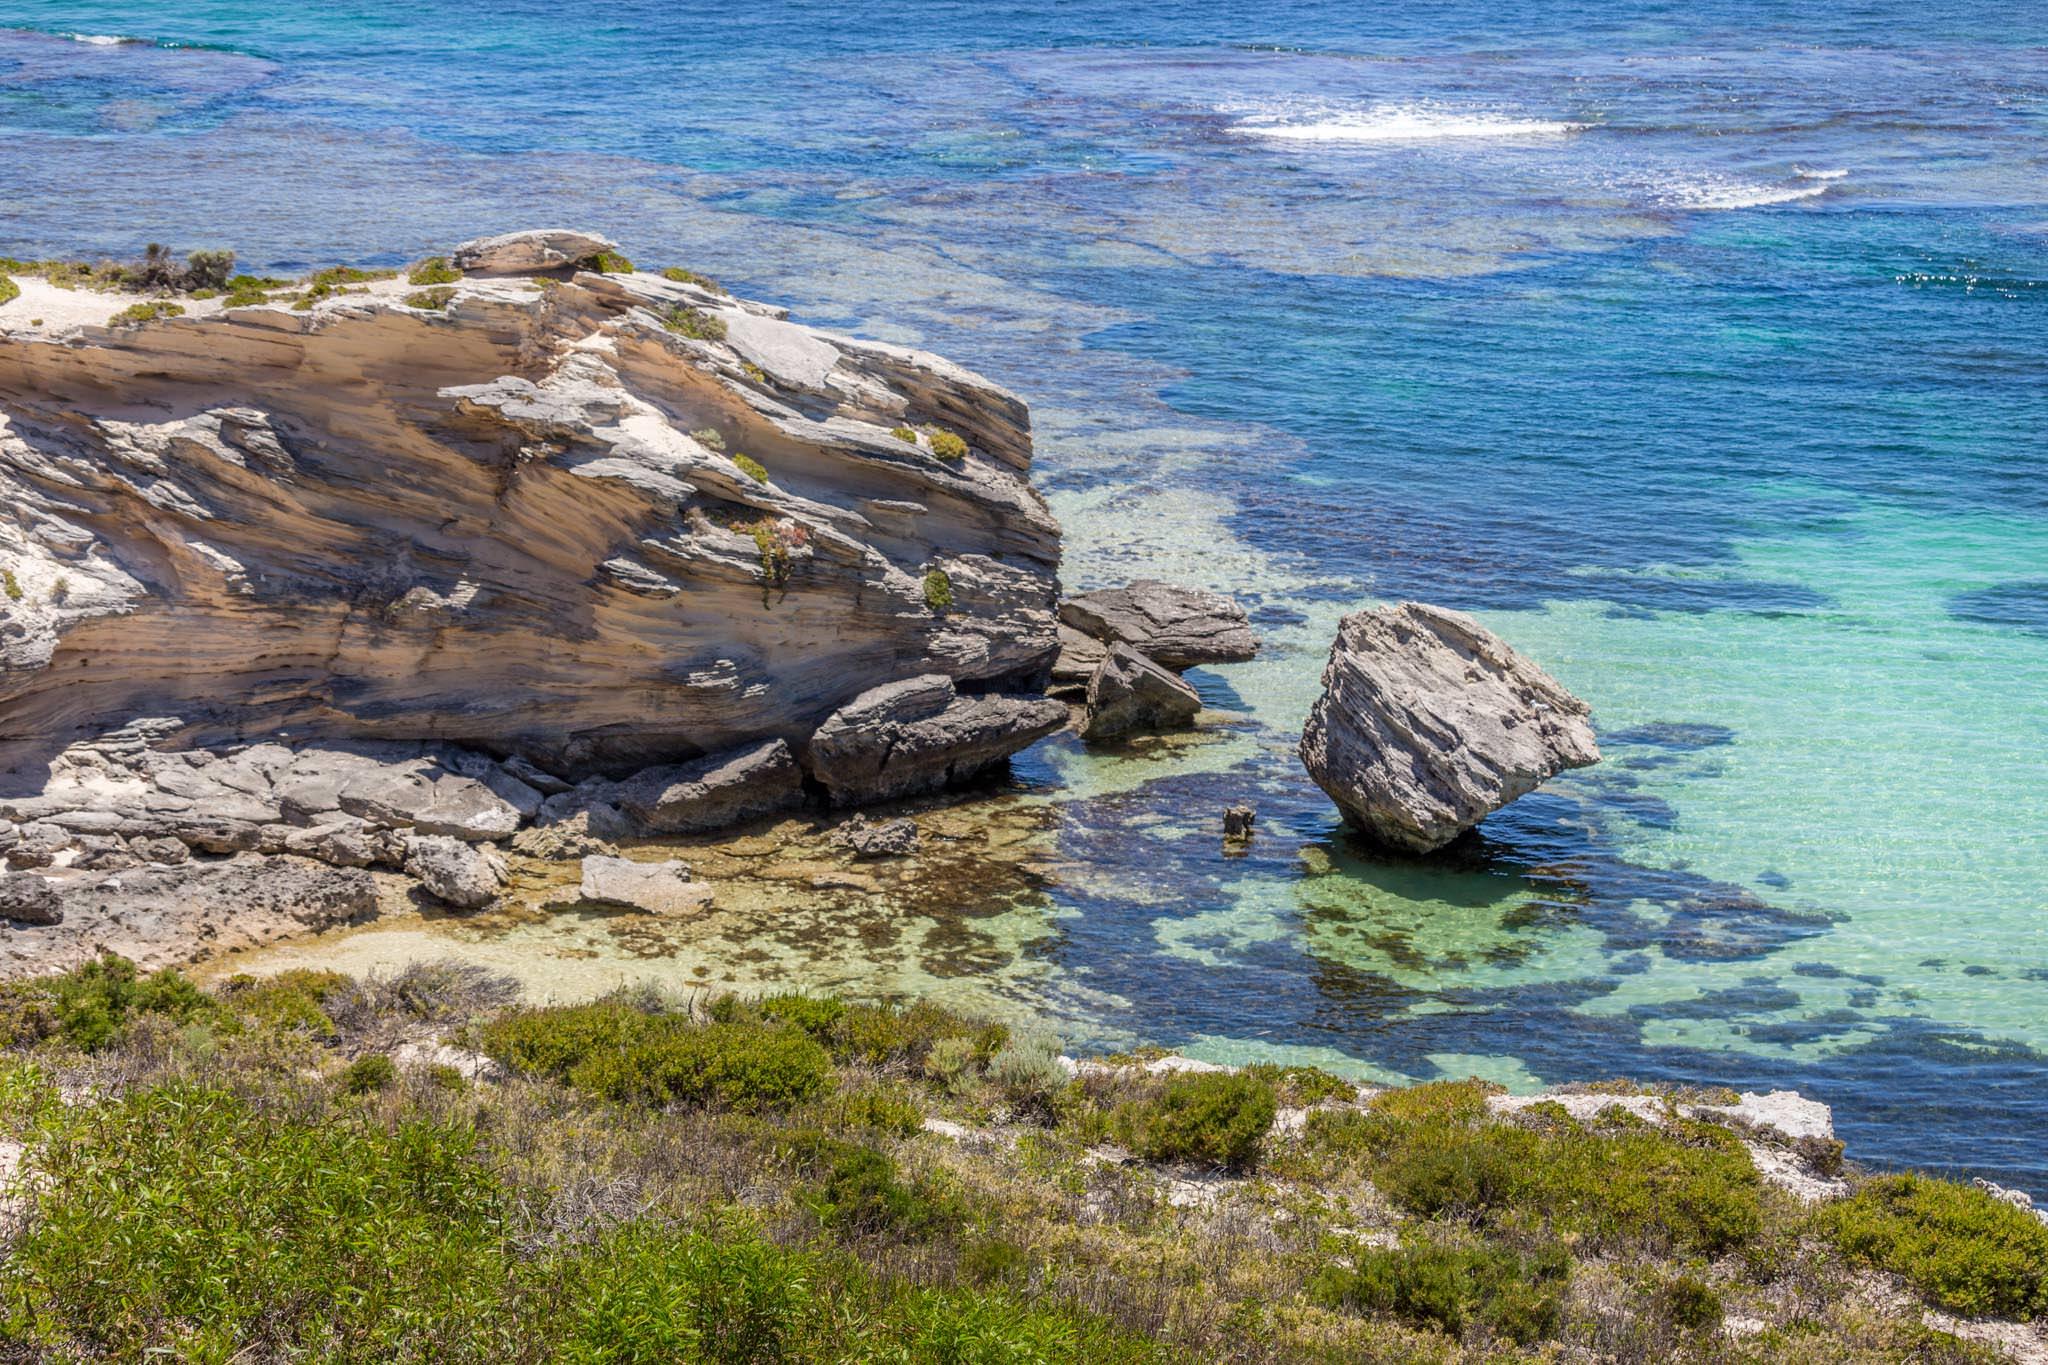 Klippen, Meer und Korallen auf Rottnest Island